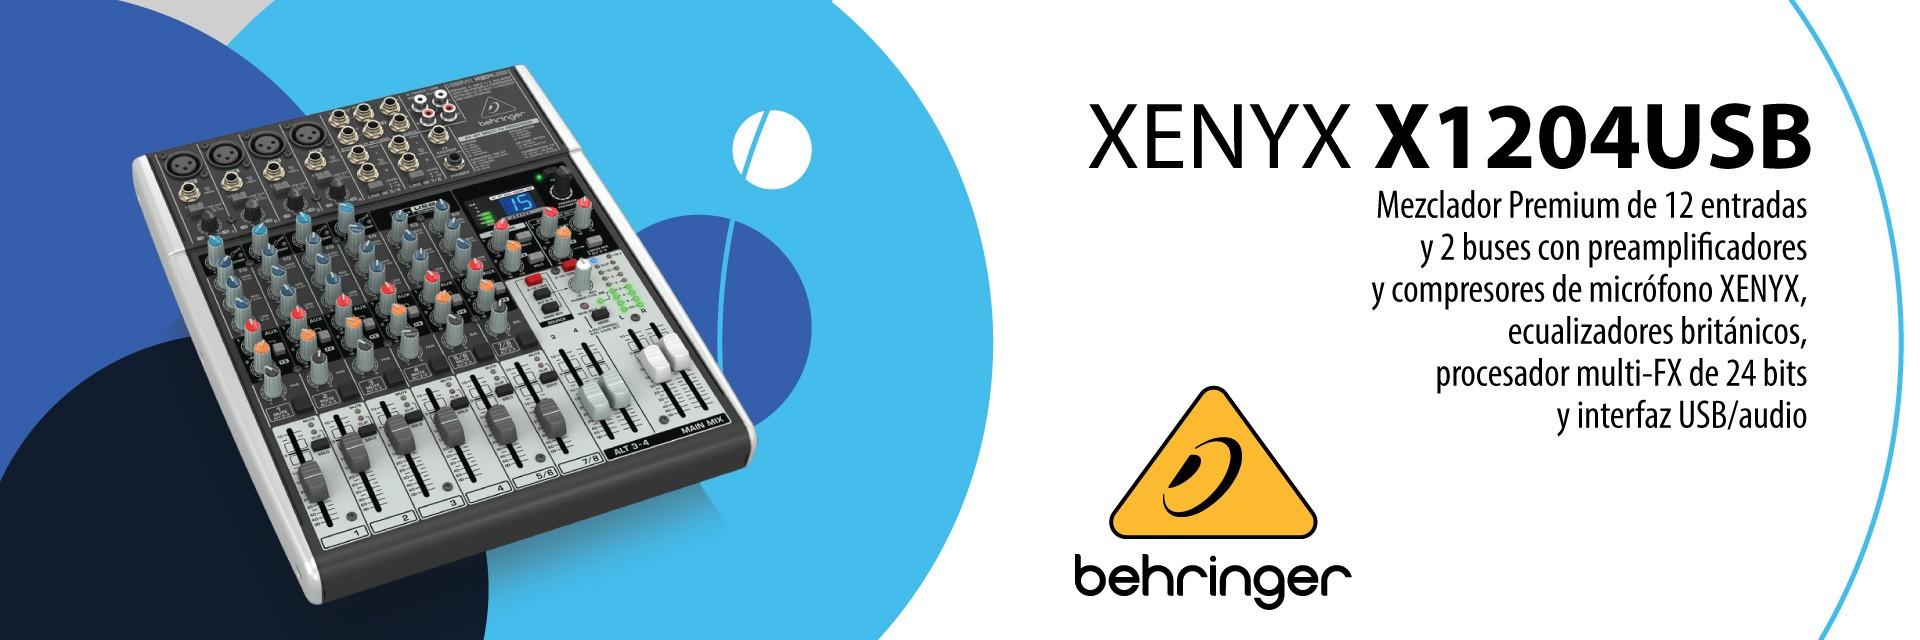 XENYX X1204USB - Mezclador Premium de 12 entradas BEHRINGER